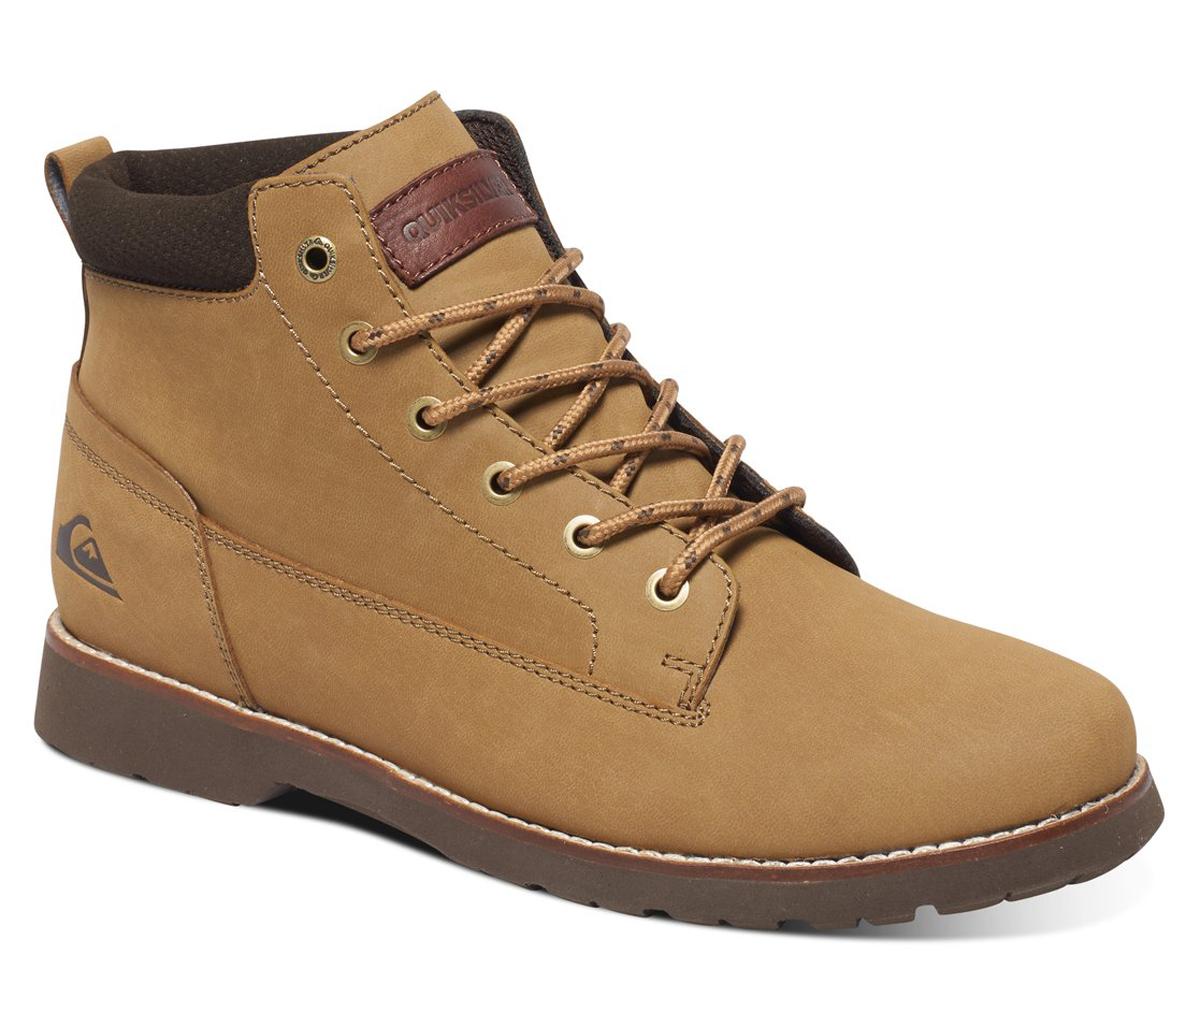 Ботинки мужские Quiksilver Mission II, цвет: светло-коричневый. AQYB700022-TKD0. Размер 6 (39)AQYB700022-TKD0Мужские ботинки Mission II от Quiksilver выполнены из натуральной кожи. Классическая шнуровка надежно зафиксирует модель на ноге. Удобные люверсы в стиле бордшортов позволяют быстро снимать и надевать ботинки. Многослойная стелька с функцией поддержки подъема стопы обеспечивает комфорт при движении.